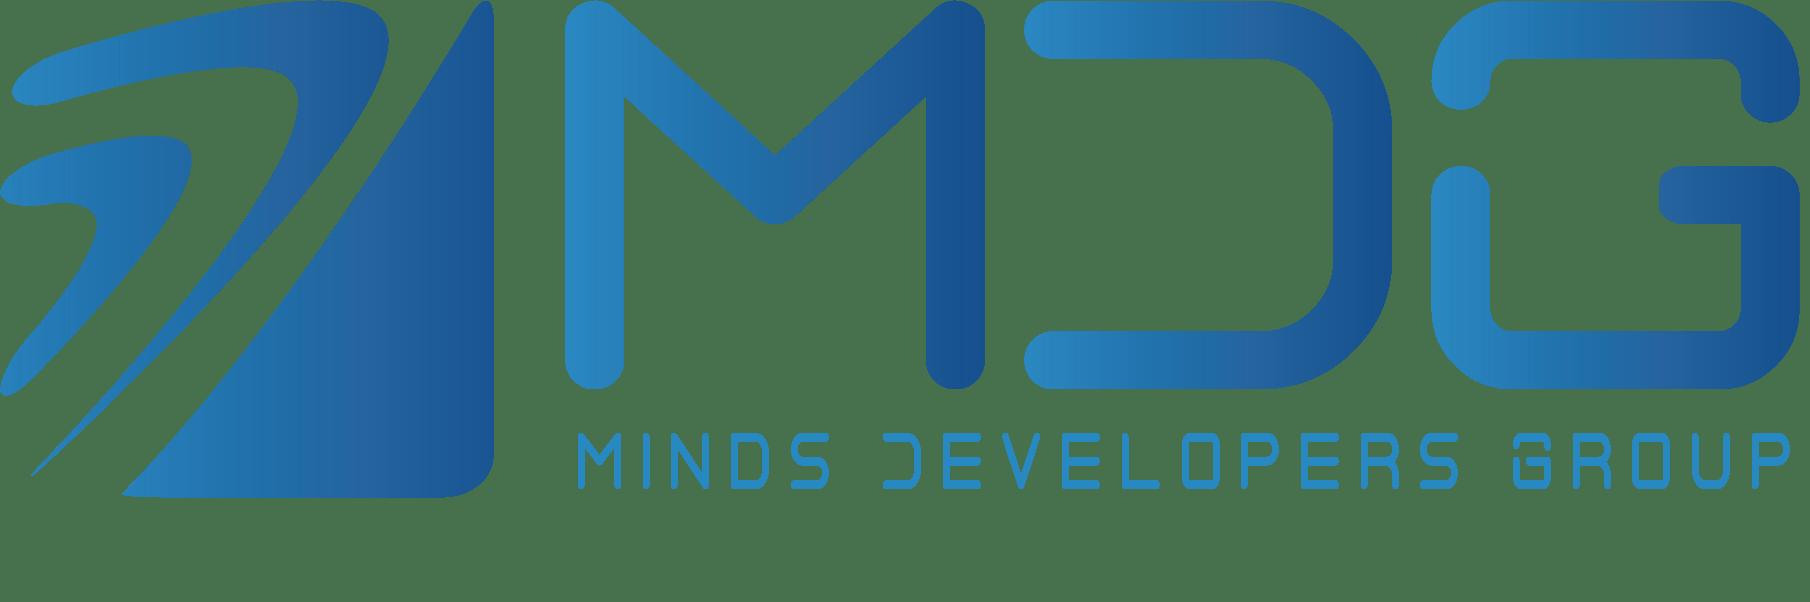 Minds Developers Group Logo